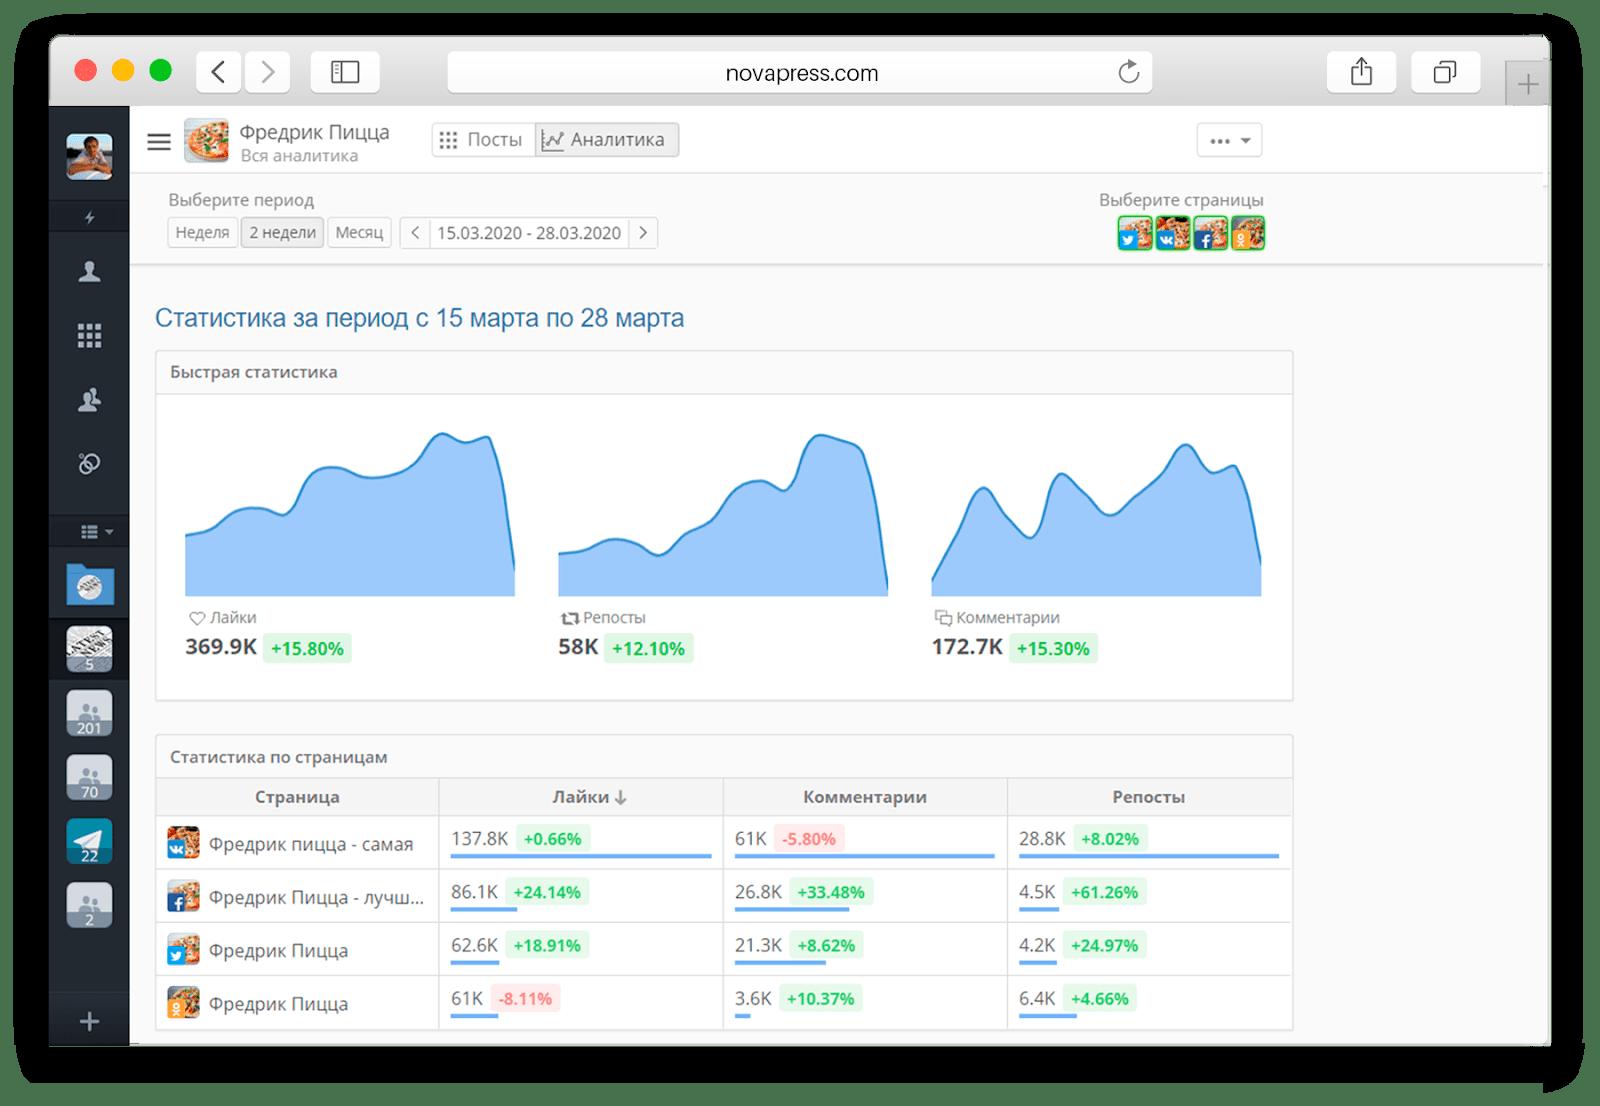 Сервис показывает сводную статистику за выбранный период и цифры по каждой странице